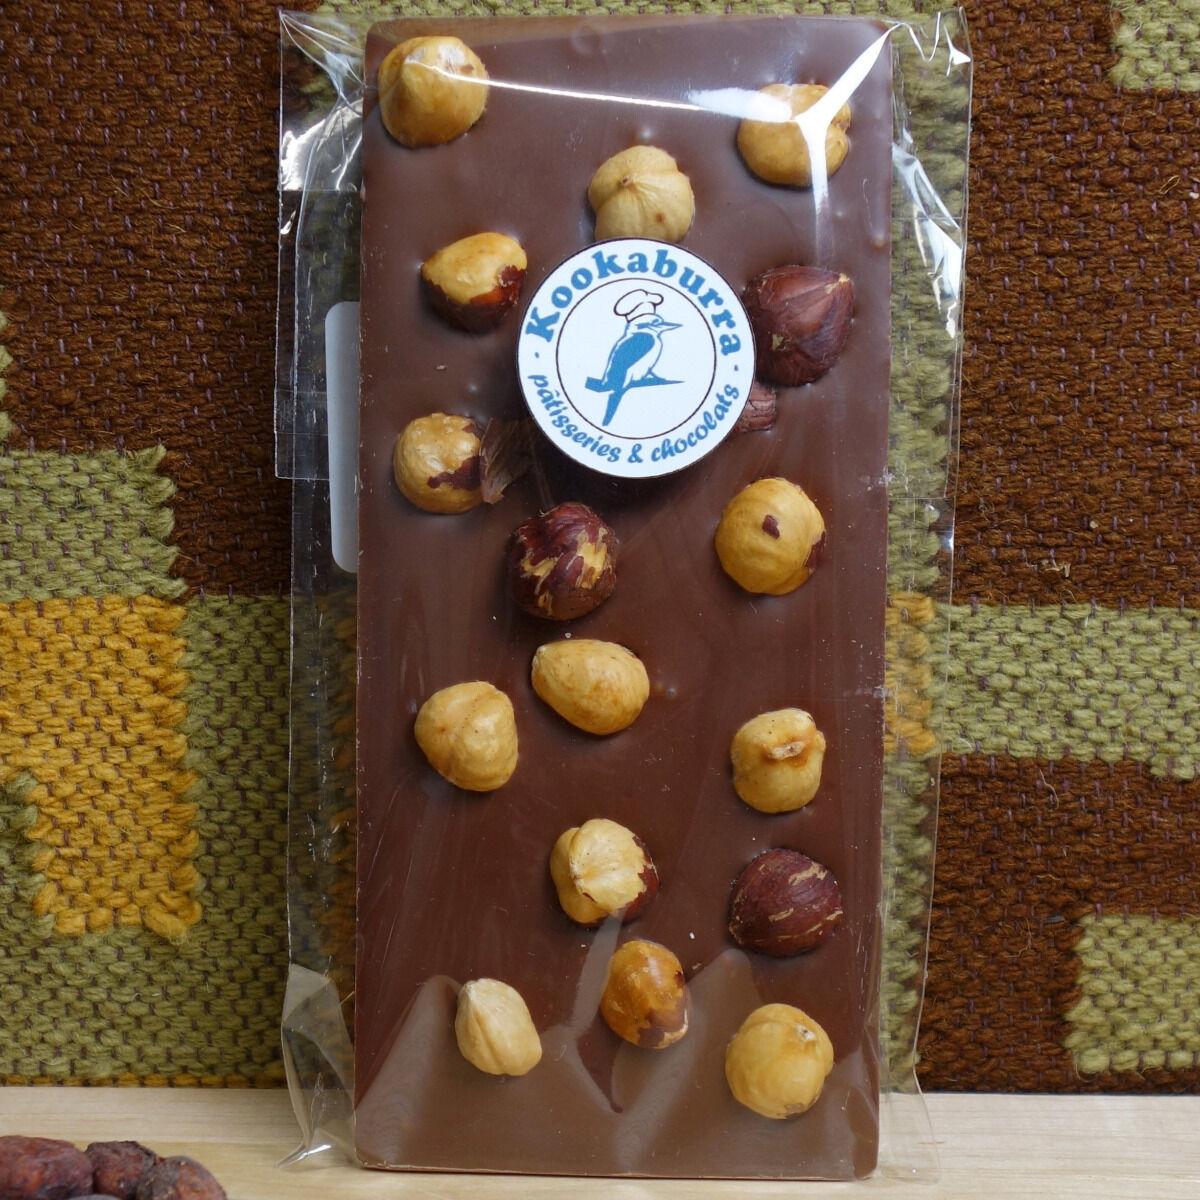 Pâtisserie Kookaburra Tablette Chocolat Au Lait 42% & Noisettes